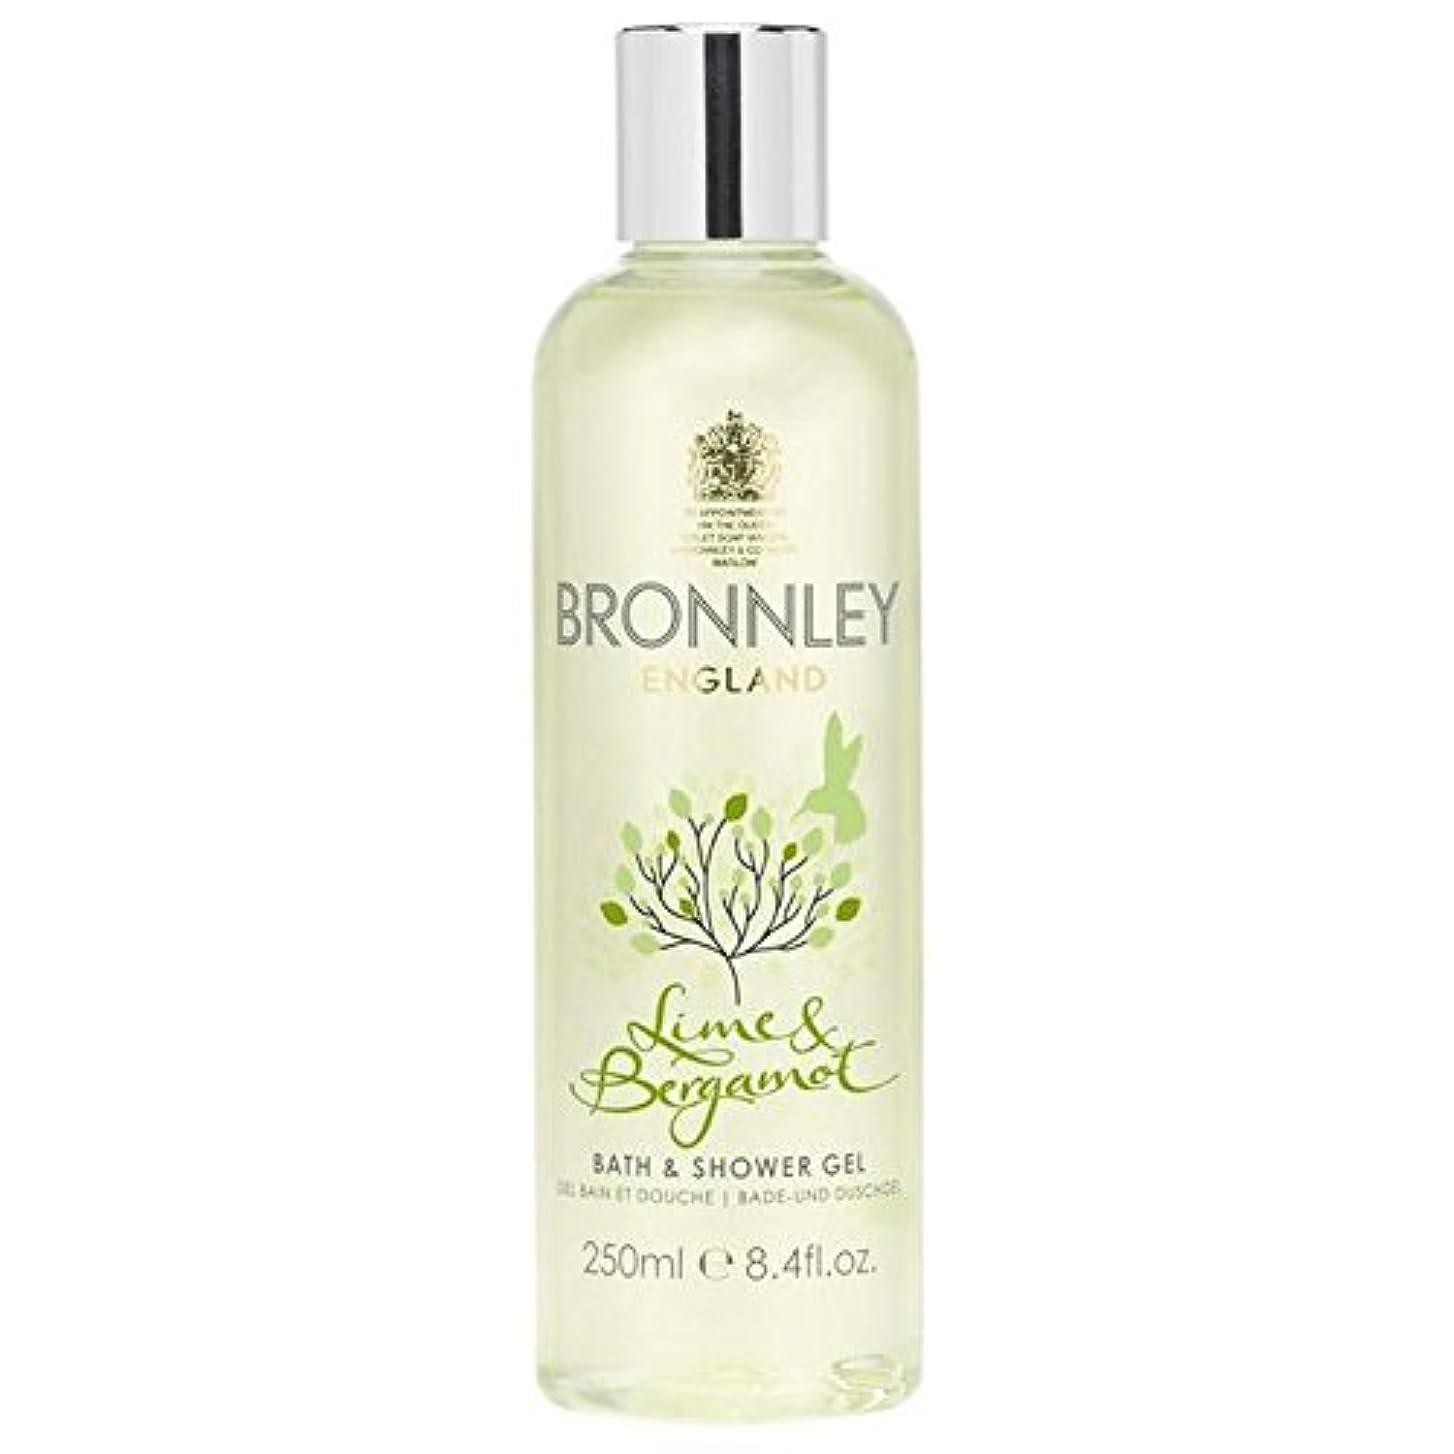 粘性のダイエット皮ライム&ベルガモットバス&シャワージェル250ミリリットル x2 - Bronnley Lime & Bergamot Bath & Shower Gel 250ml (Pack of 2) [並行輸入品]